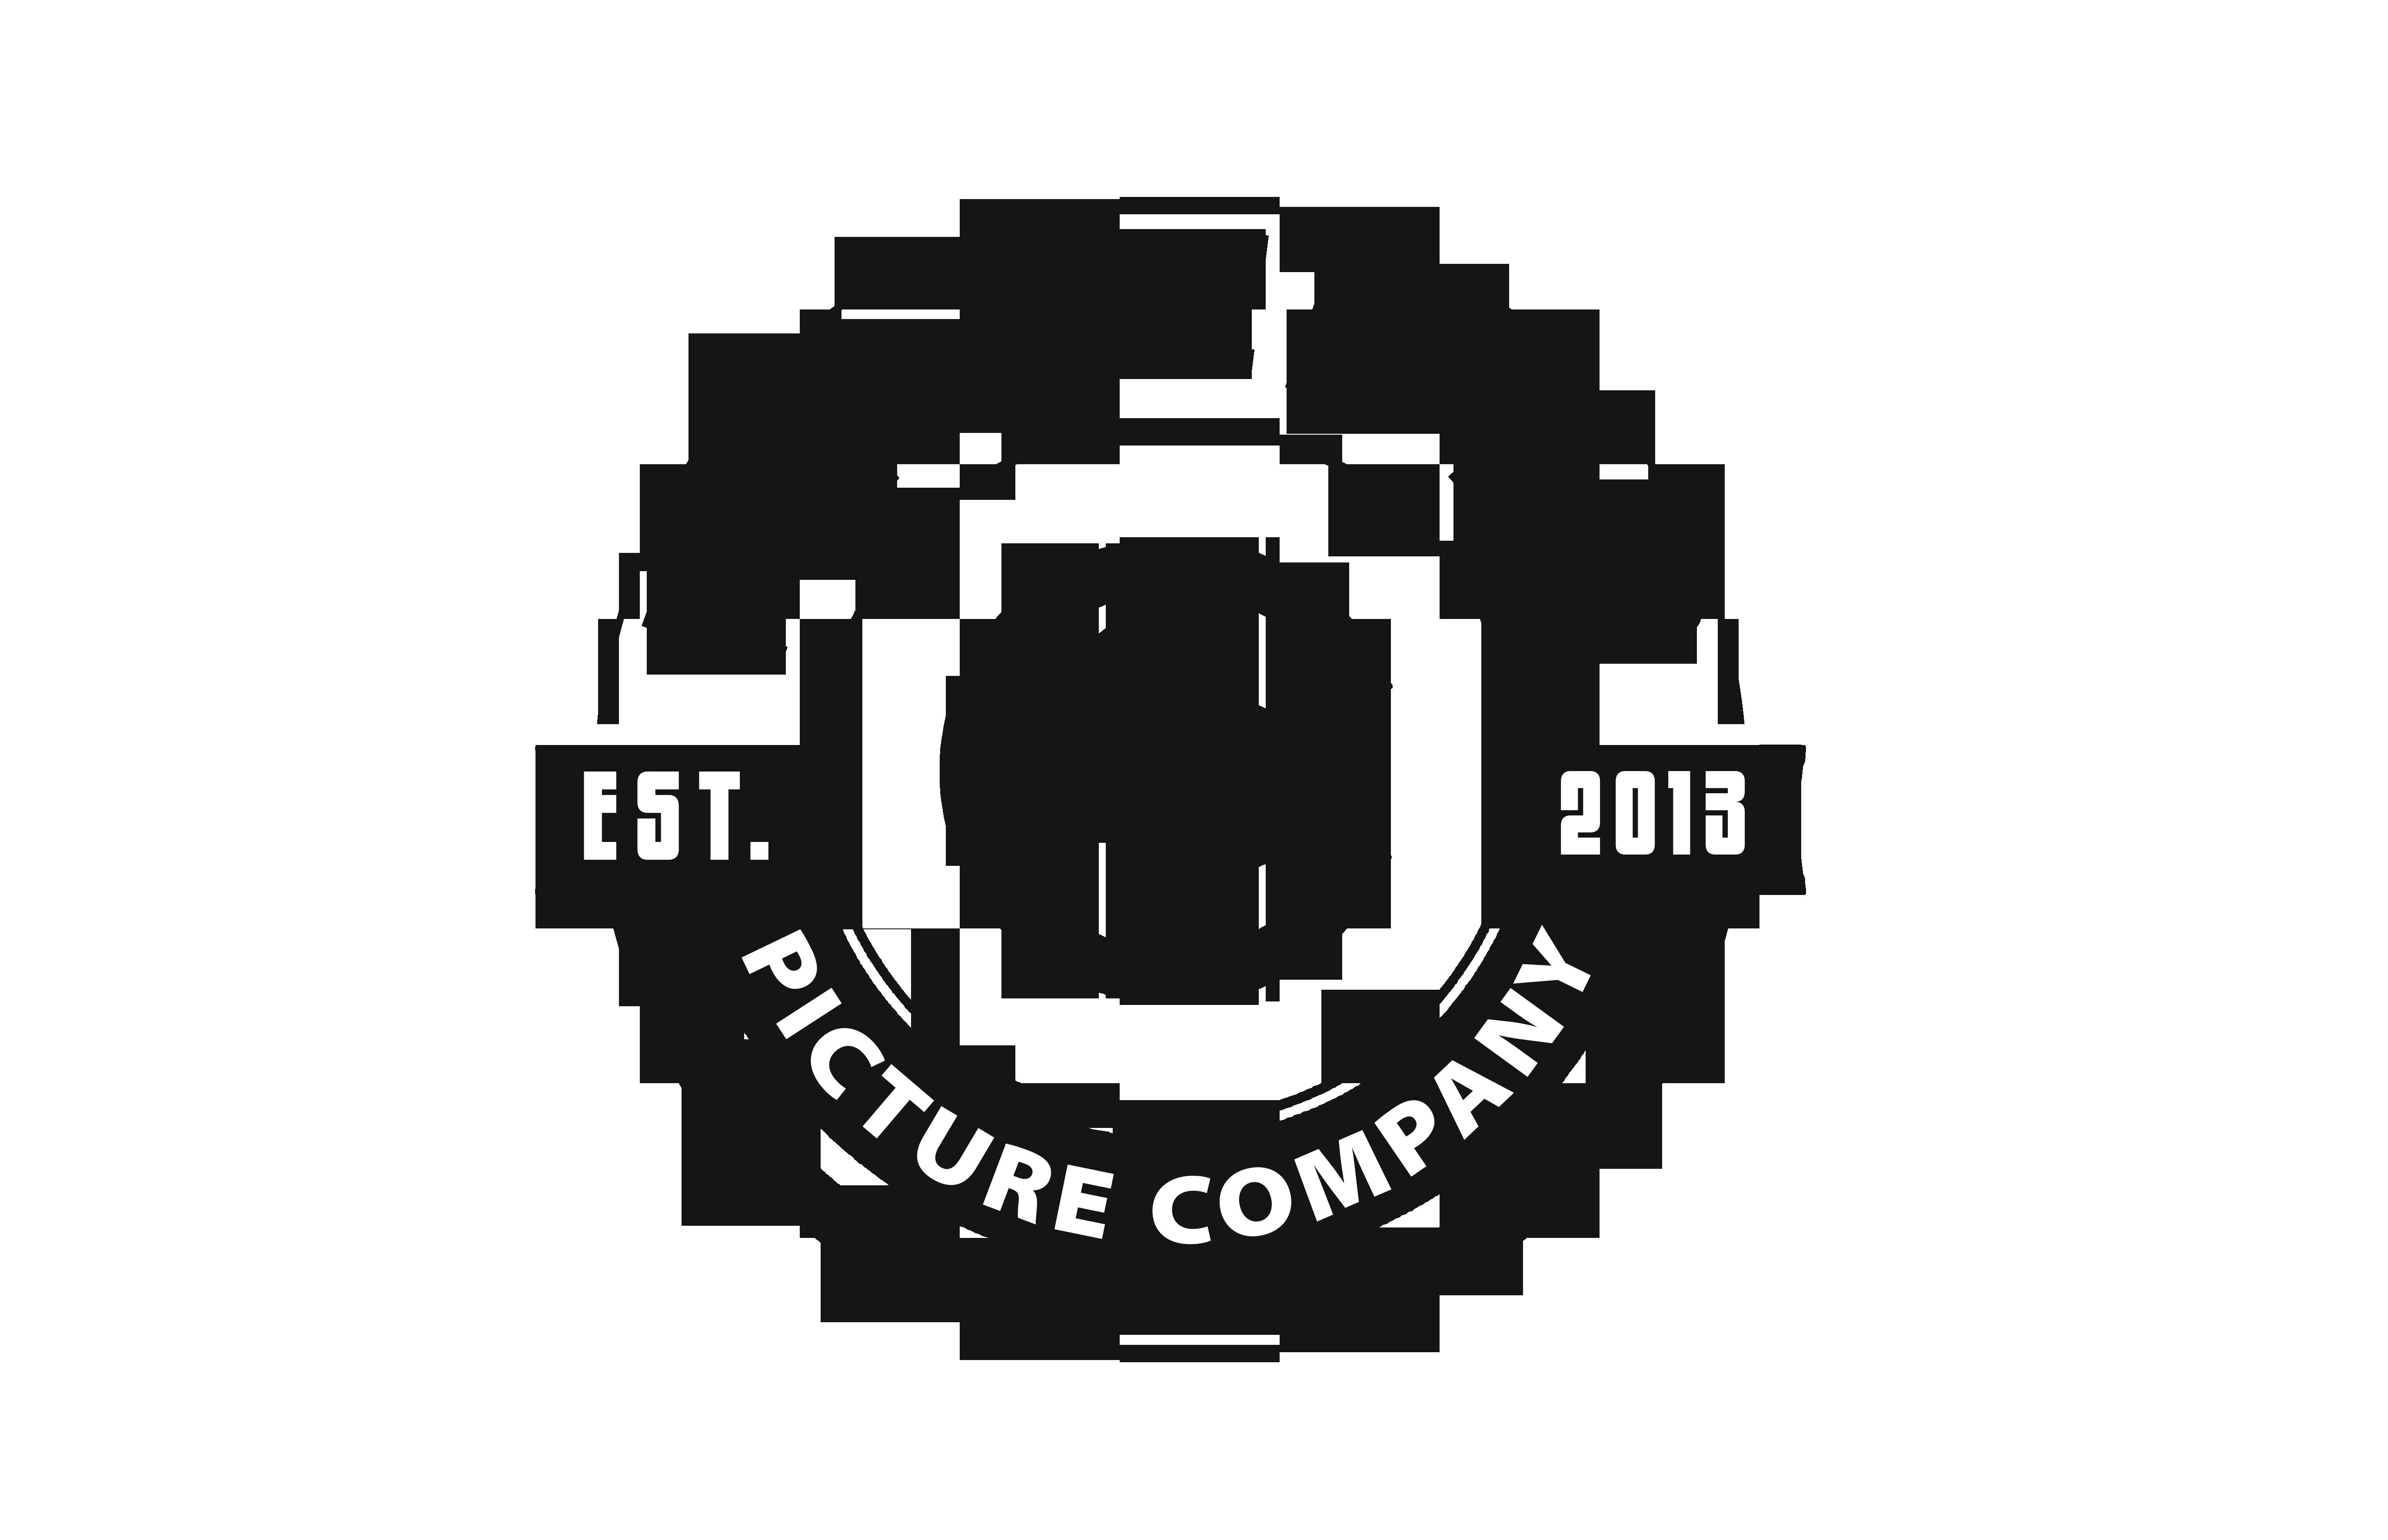 The Philadelphia Picture Company